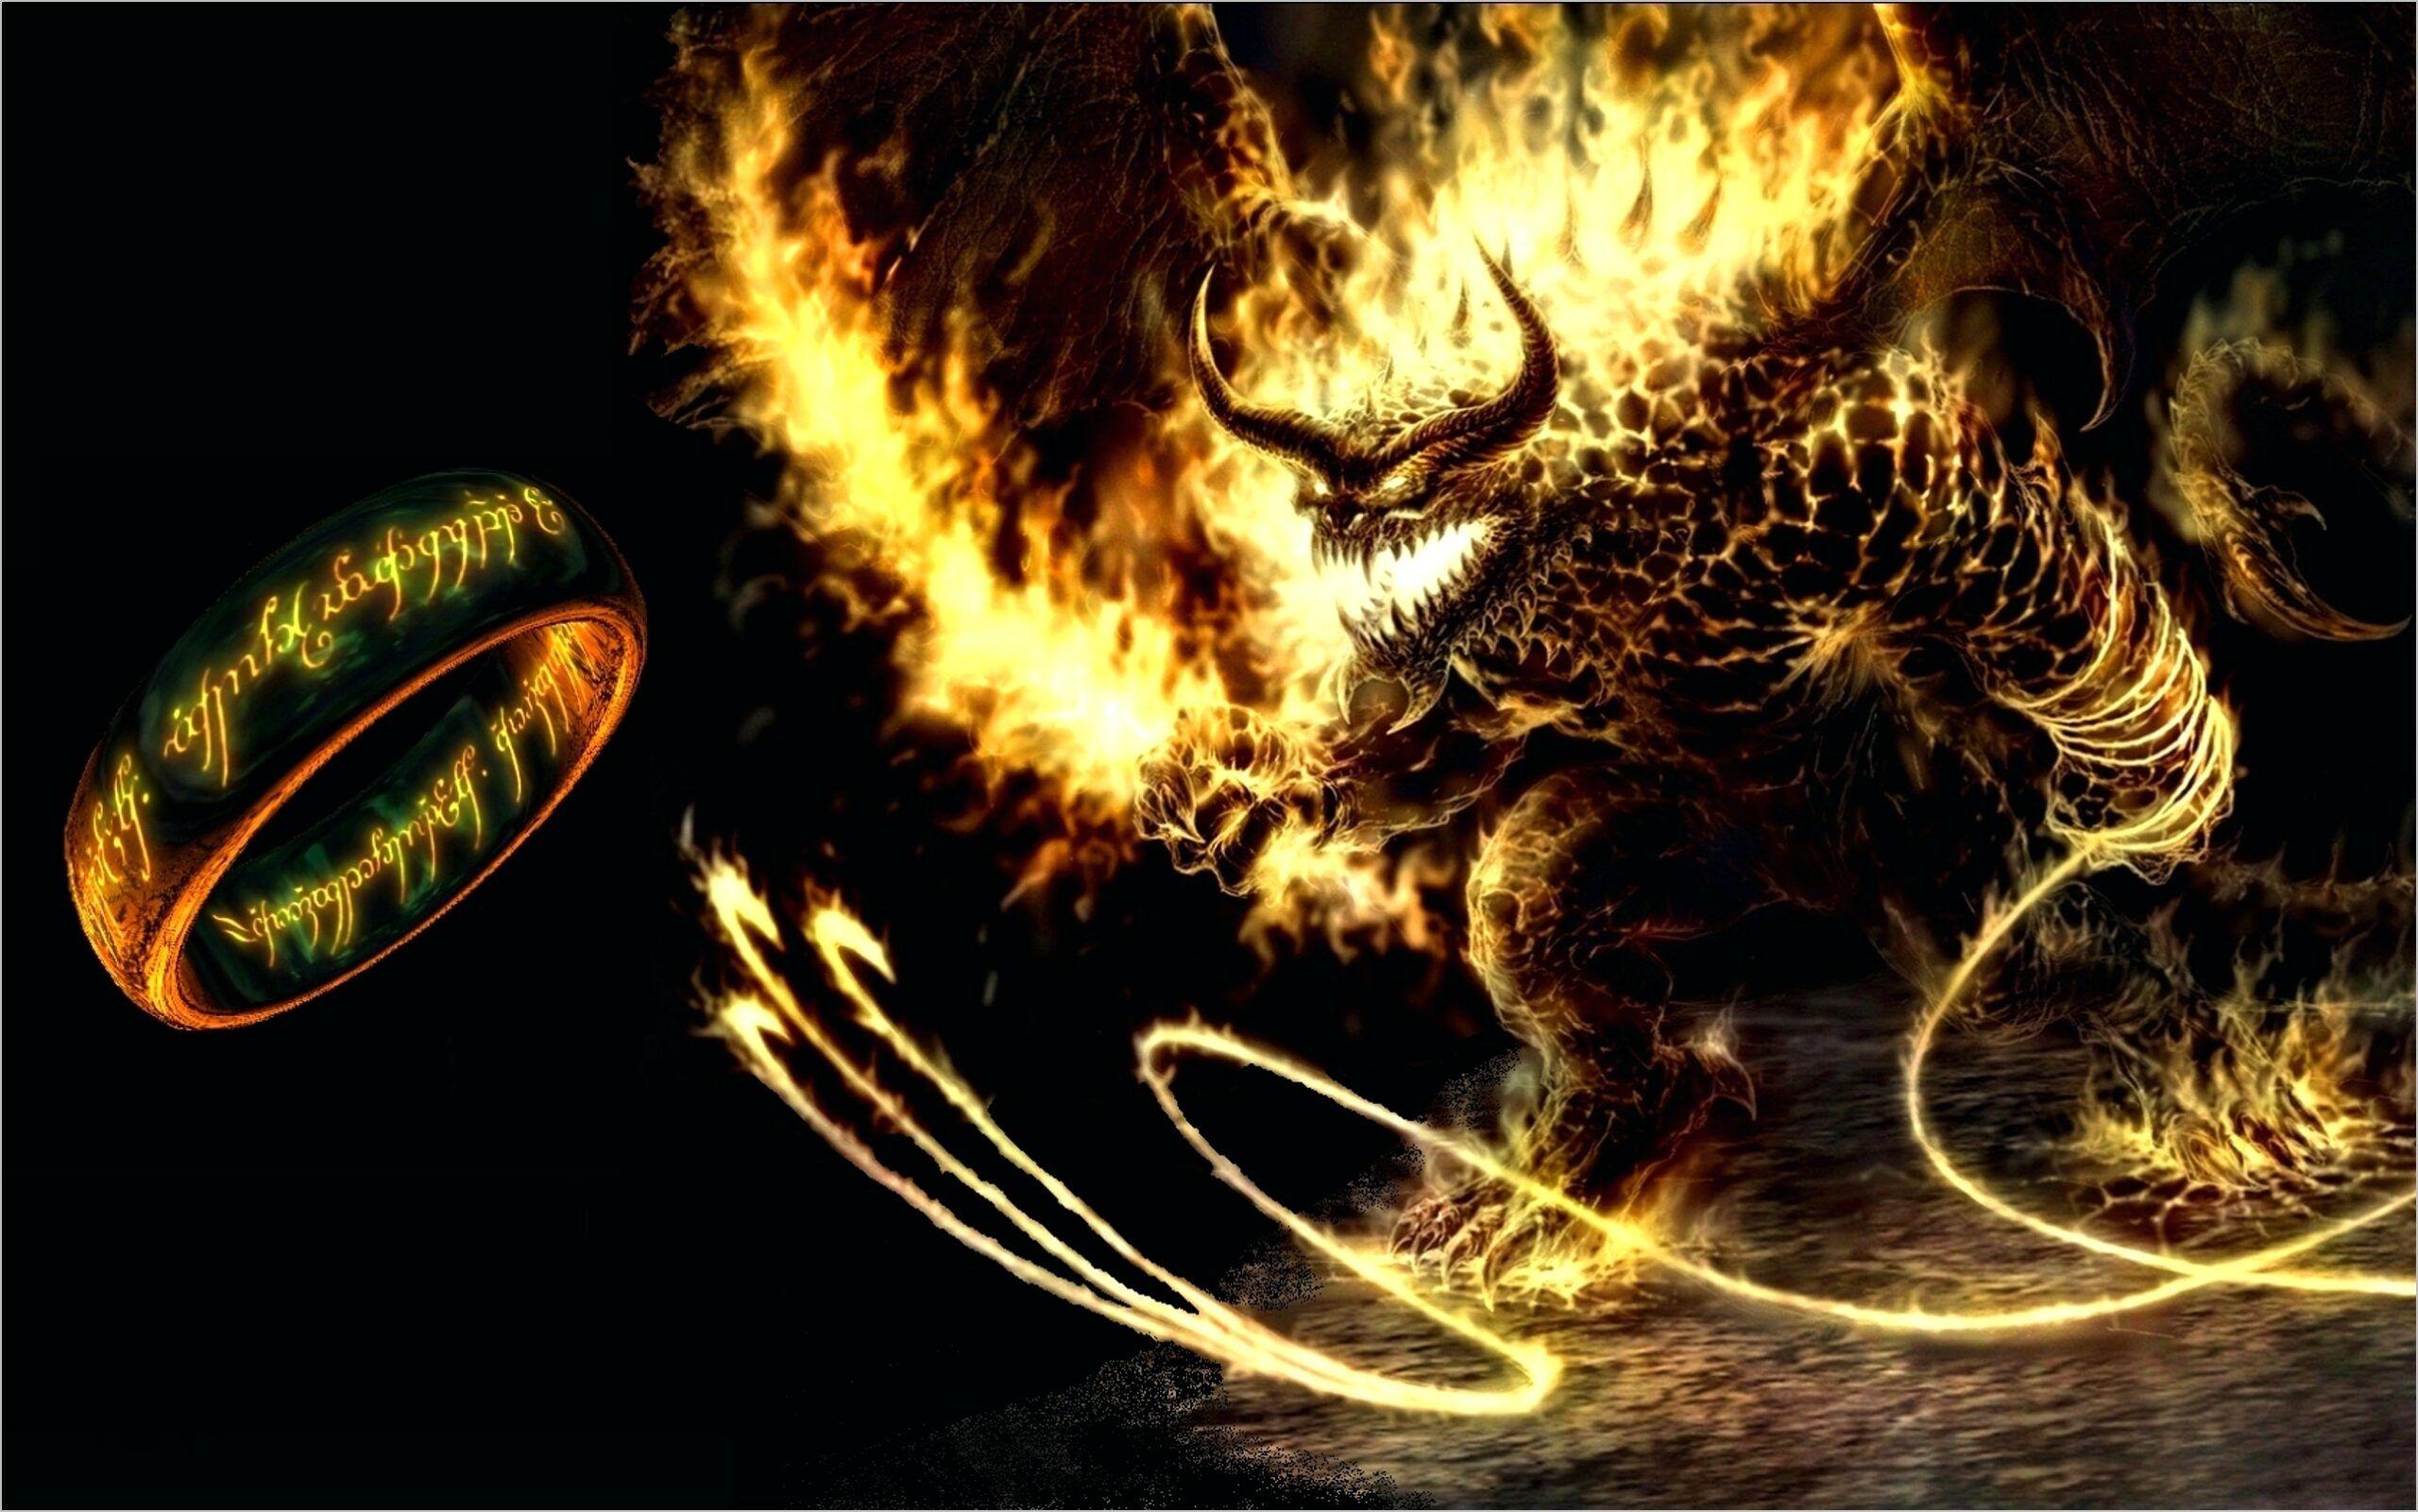 Balrog Lotr Wallpaper 4k Monster Hunter World Wallpaper Monster Illustration Beauty And The Beast Movie